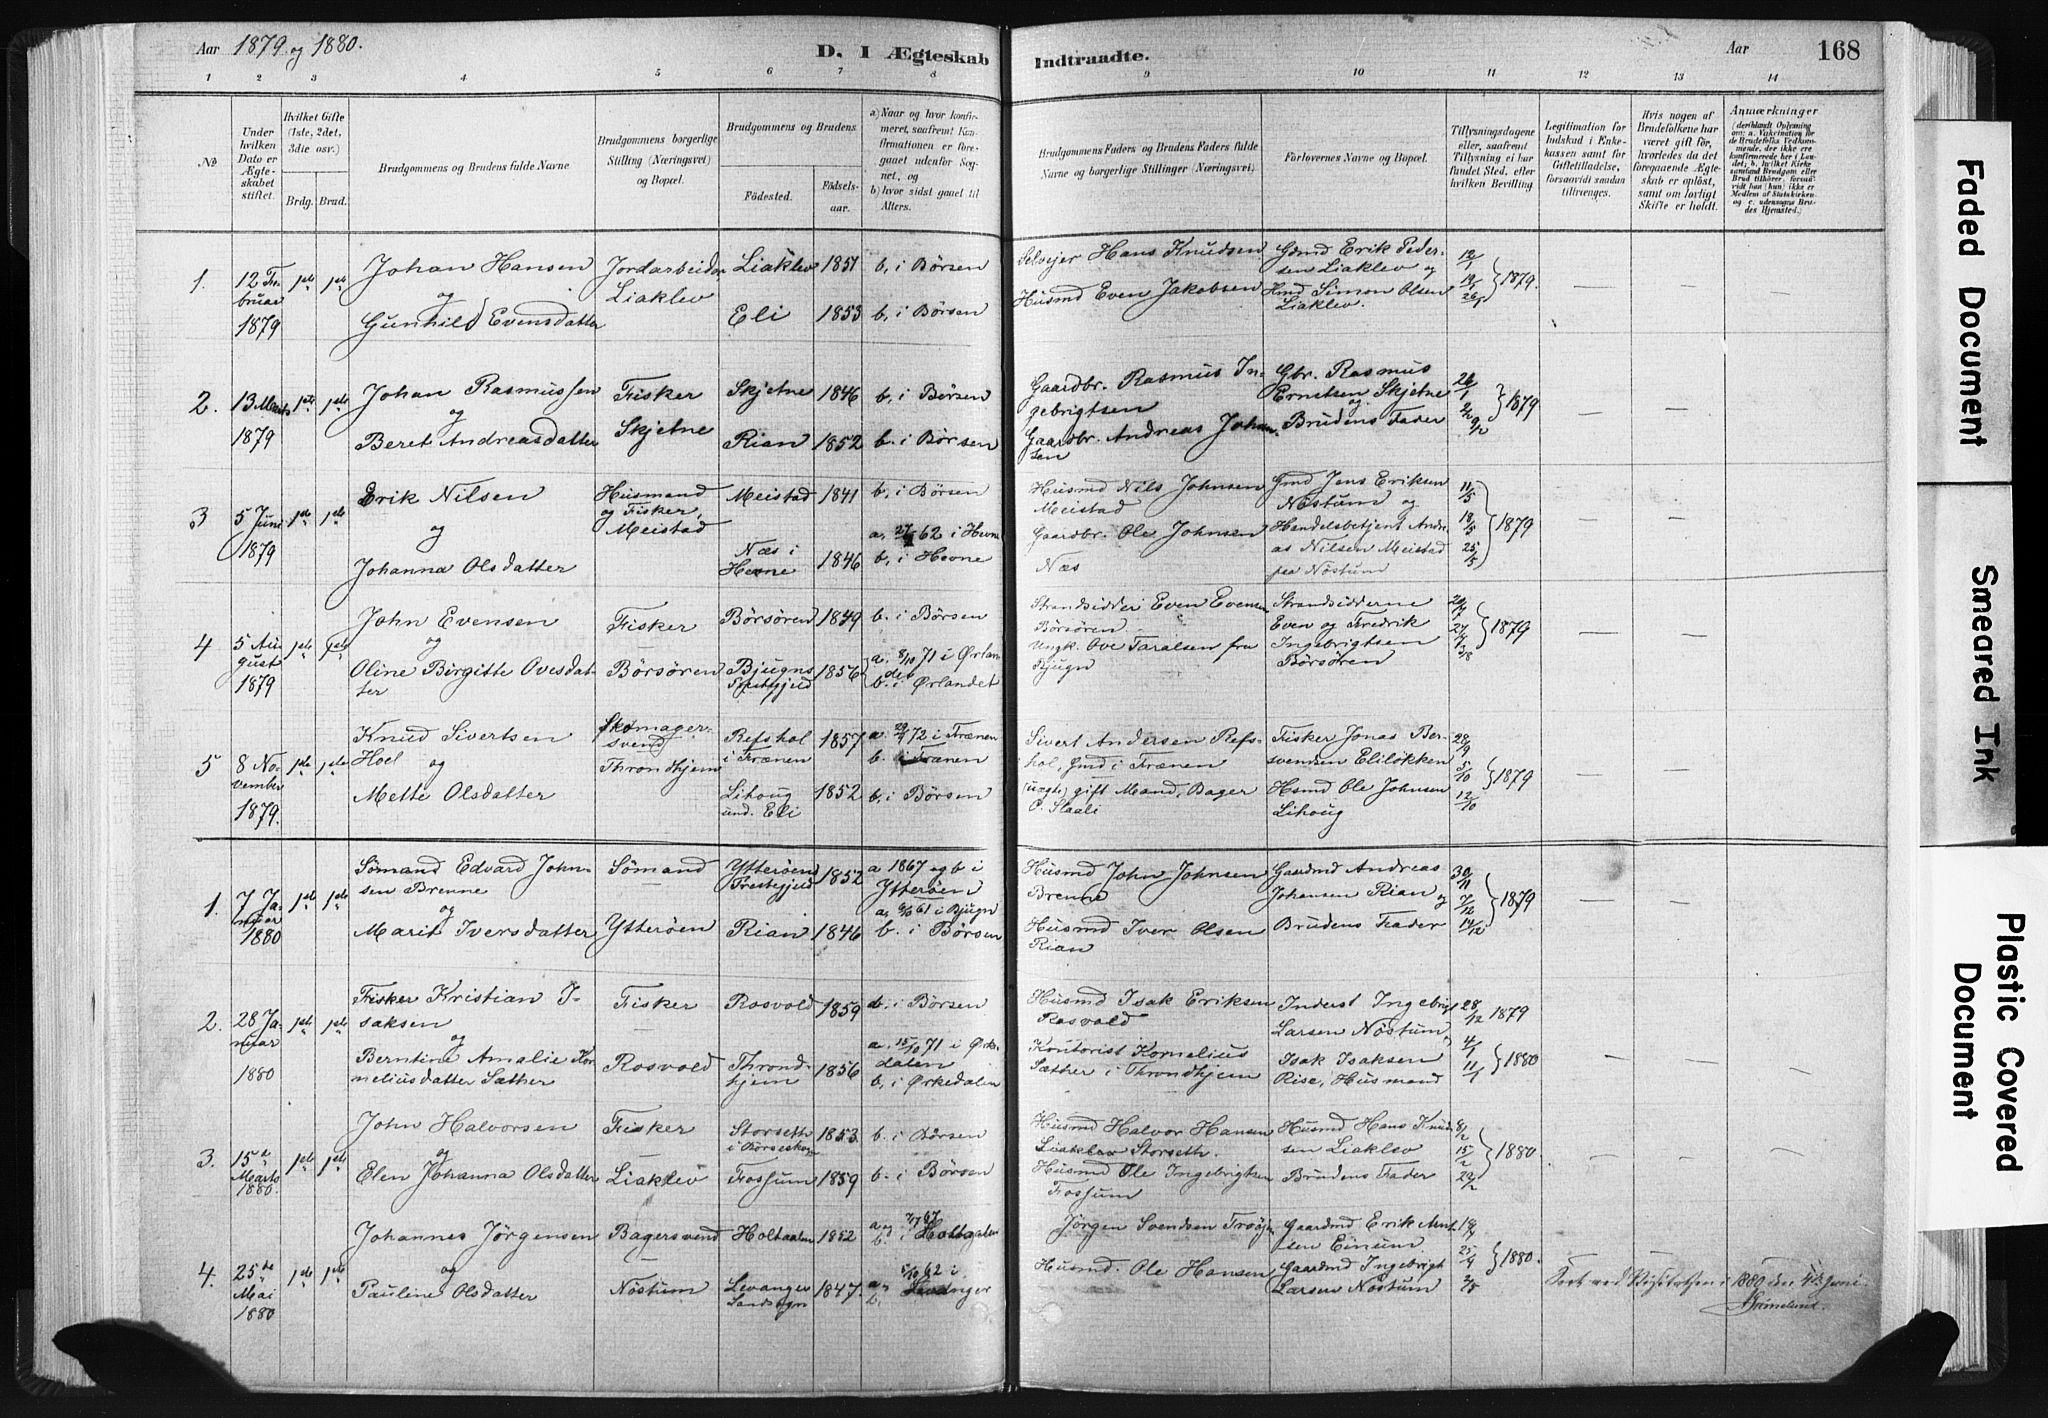 SAT, Ministerialprotokoller, klokkerbøker og fødselsregistre - Sør-Trøndelag, 665/L0773: Ministerialbok nr. 665A08, 1879-1905, s. 168